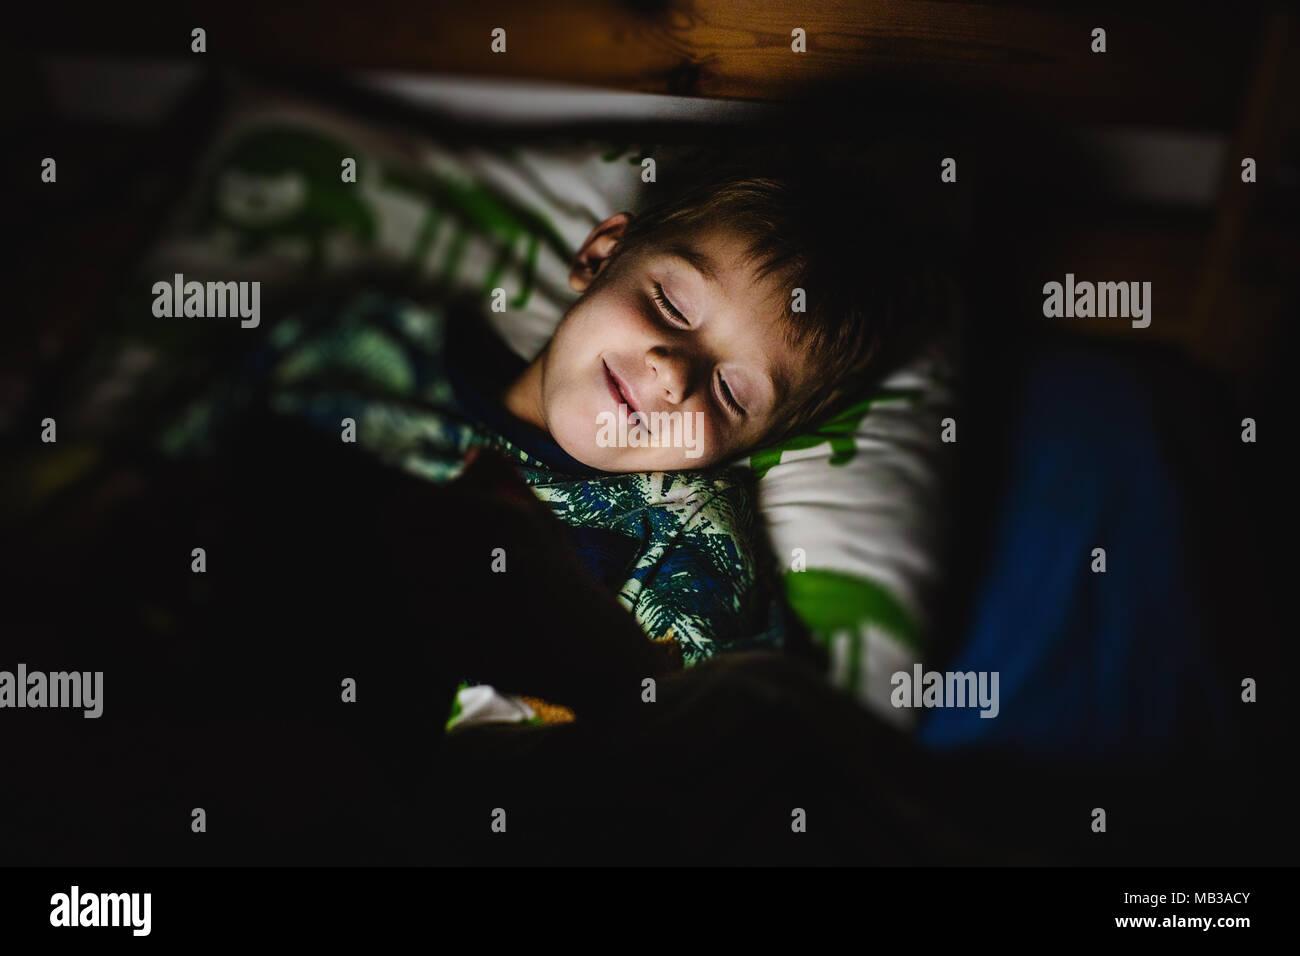 Jeune garçon lisant un livre électronique avec lumière intégrée au lit avant de dormir. La technologie dans la vie quotidienne des enfants. Fond sombre, basse lumière. Photo Stock